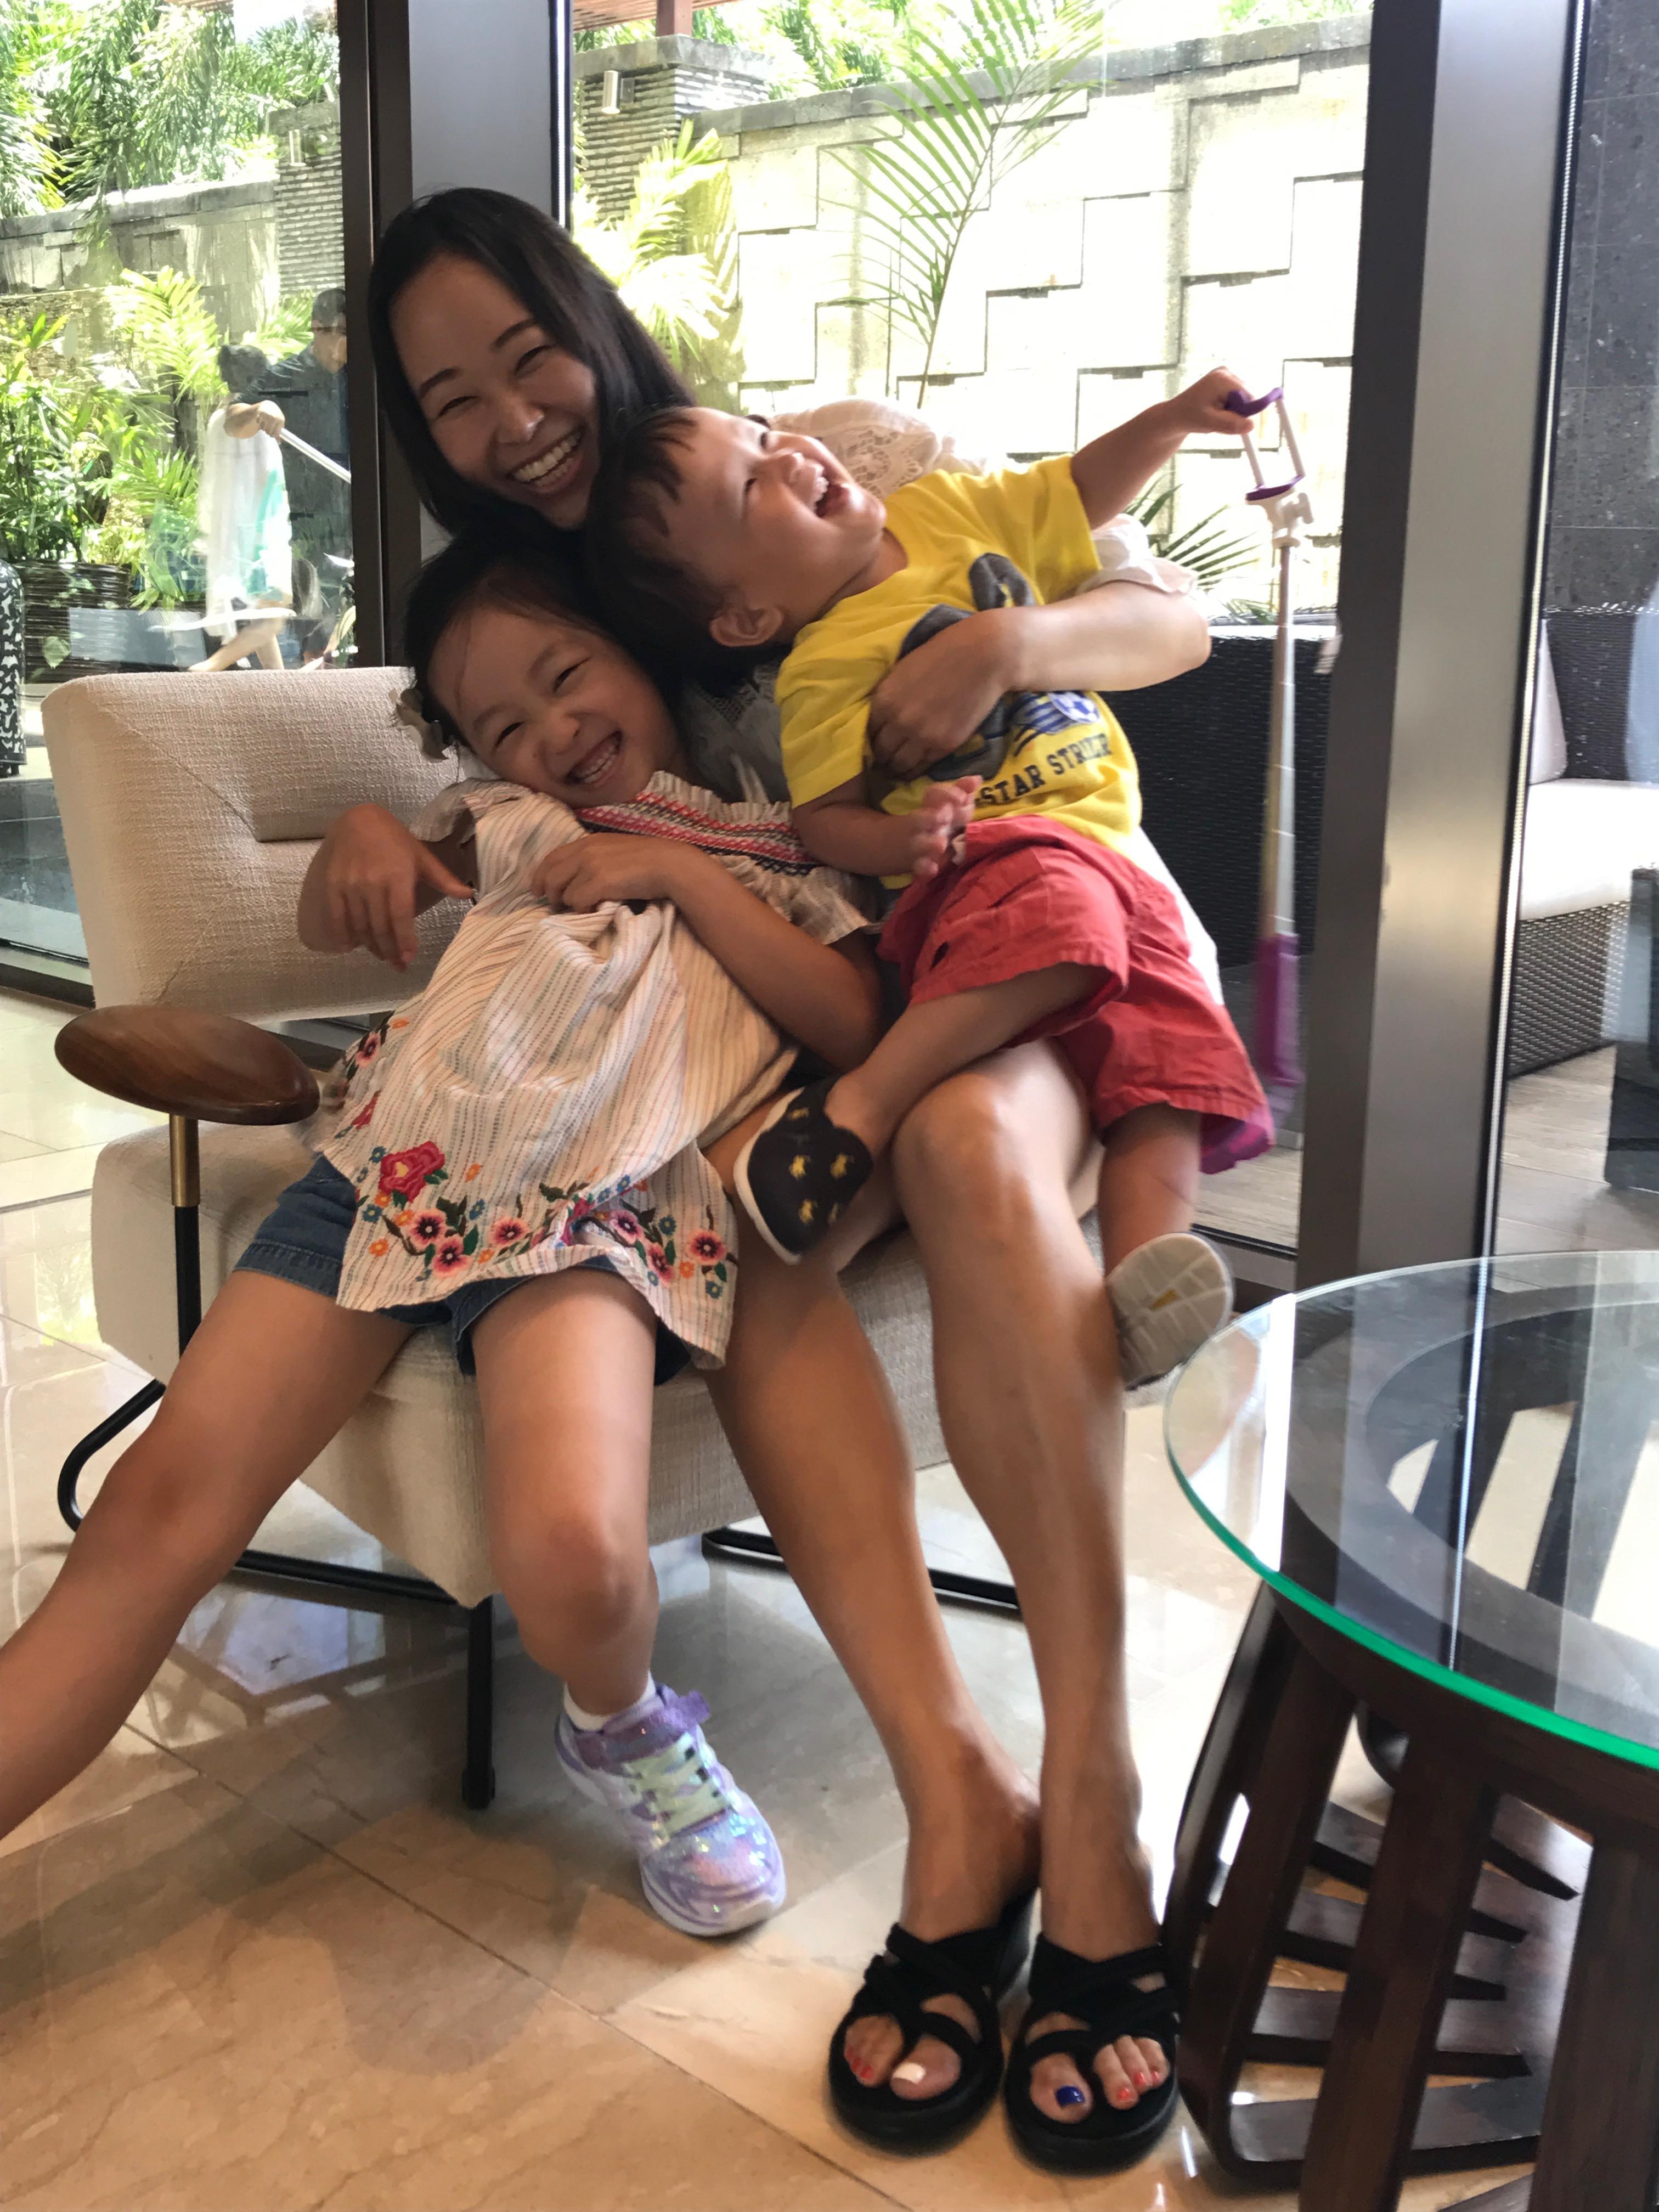 김대우 매니저의 가장 큰 행복의 원천이 되어주는 가족 ⓒ김대우